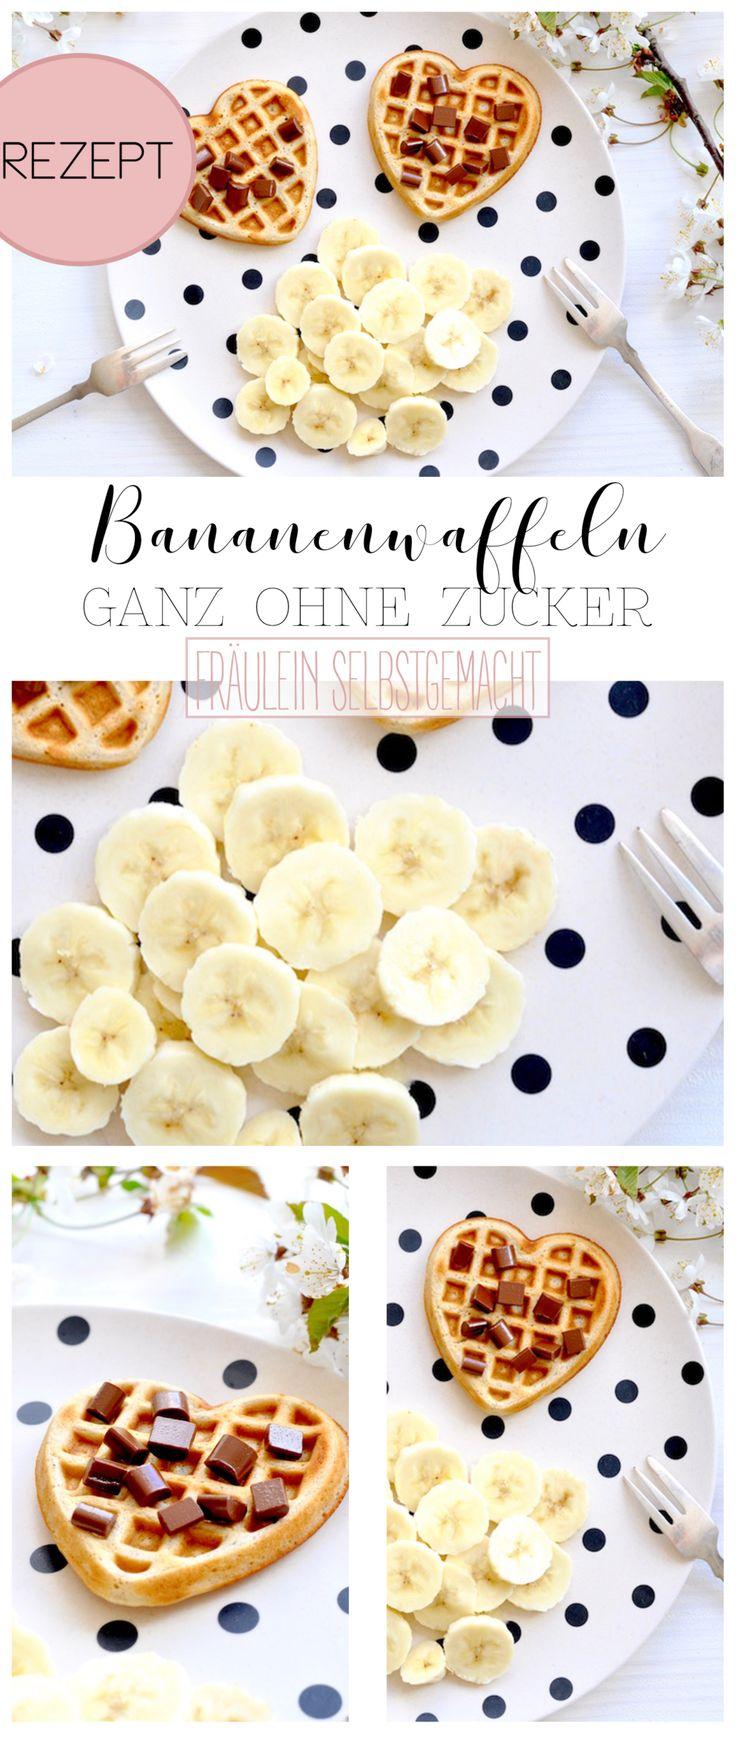 Leckere Bananenwaffeln ganz ohne Zucker und super lecker